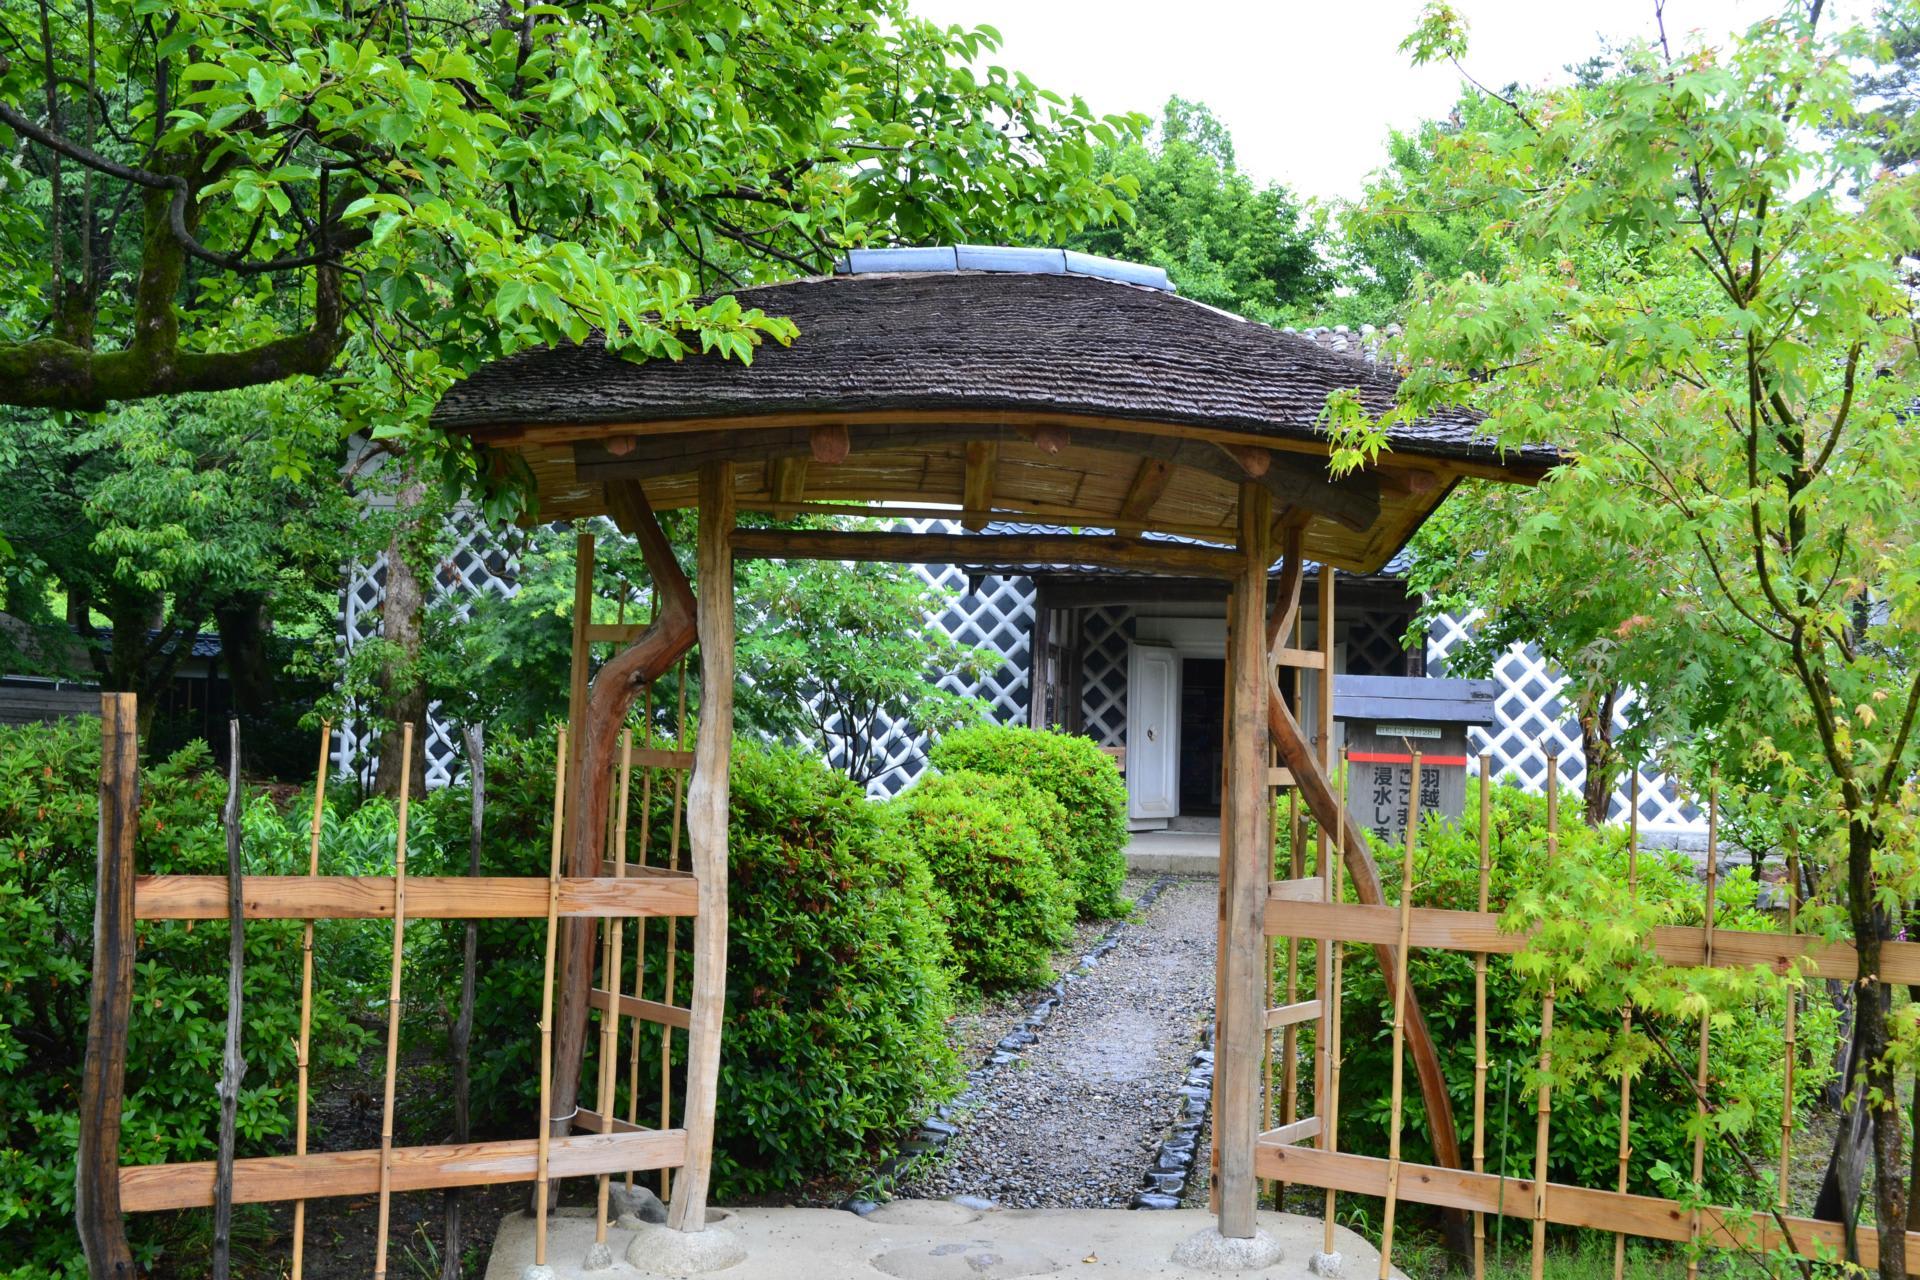 新潟県関川村 豪農渡辺邸を見学して - せいじん庵のブログ